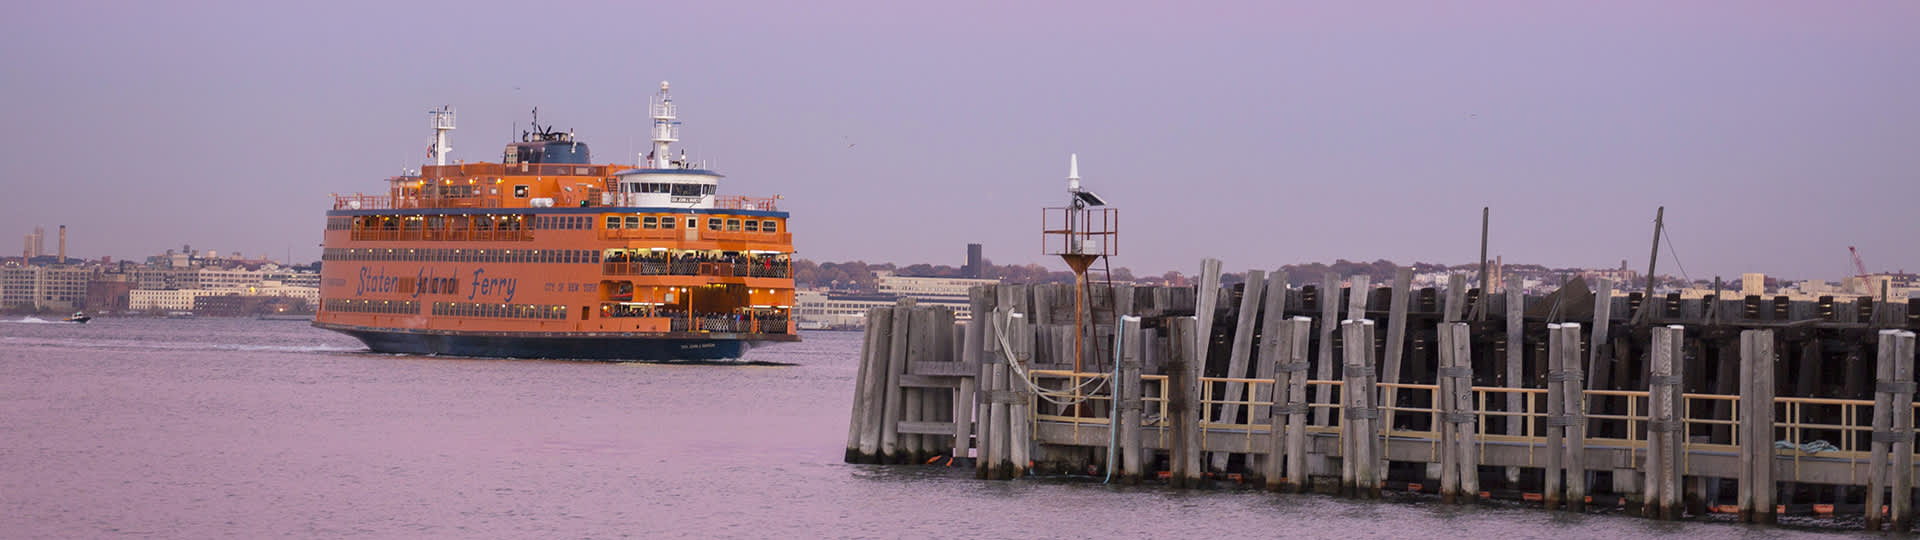 Staten Island Ferry, St George, Staten Island,